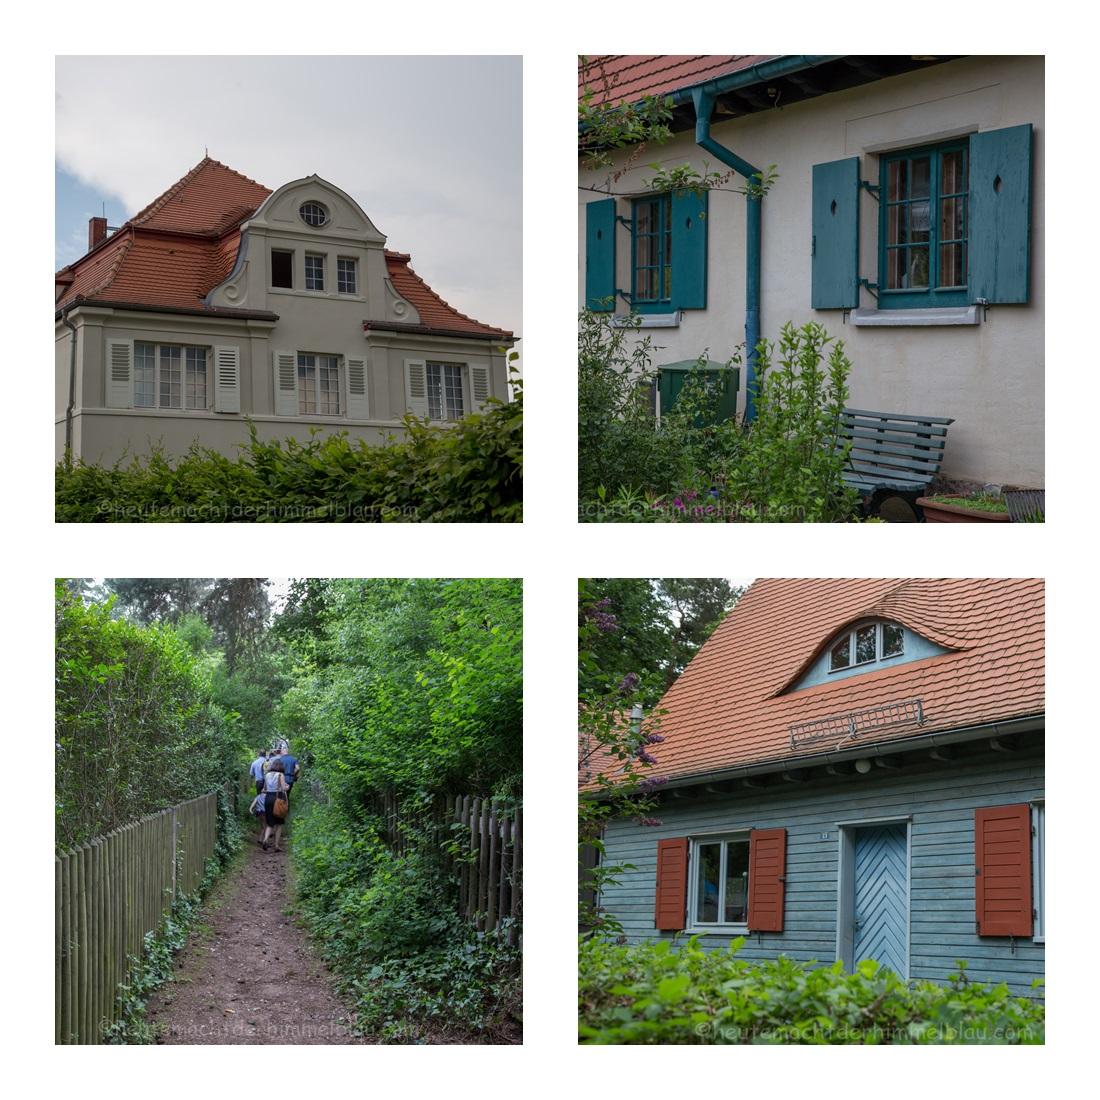 Auf den Spuren des Architekten Riemerschmid - HEUTE MACHT DER HIMMEL ...